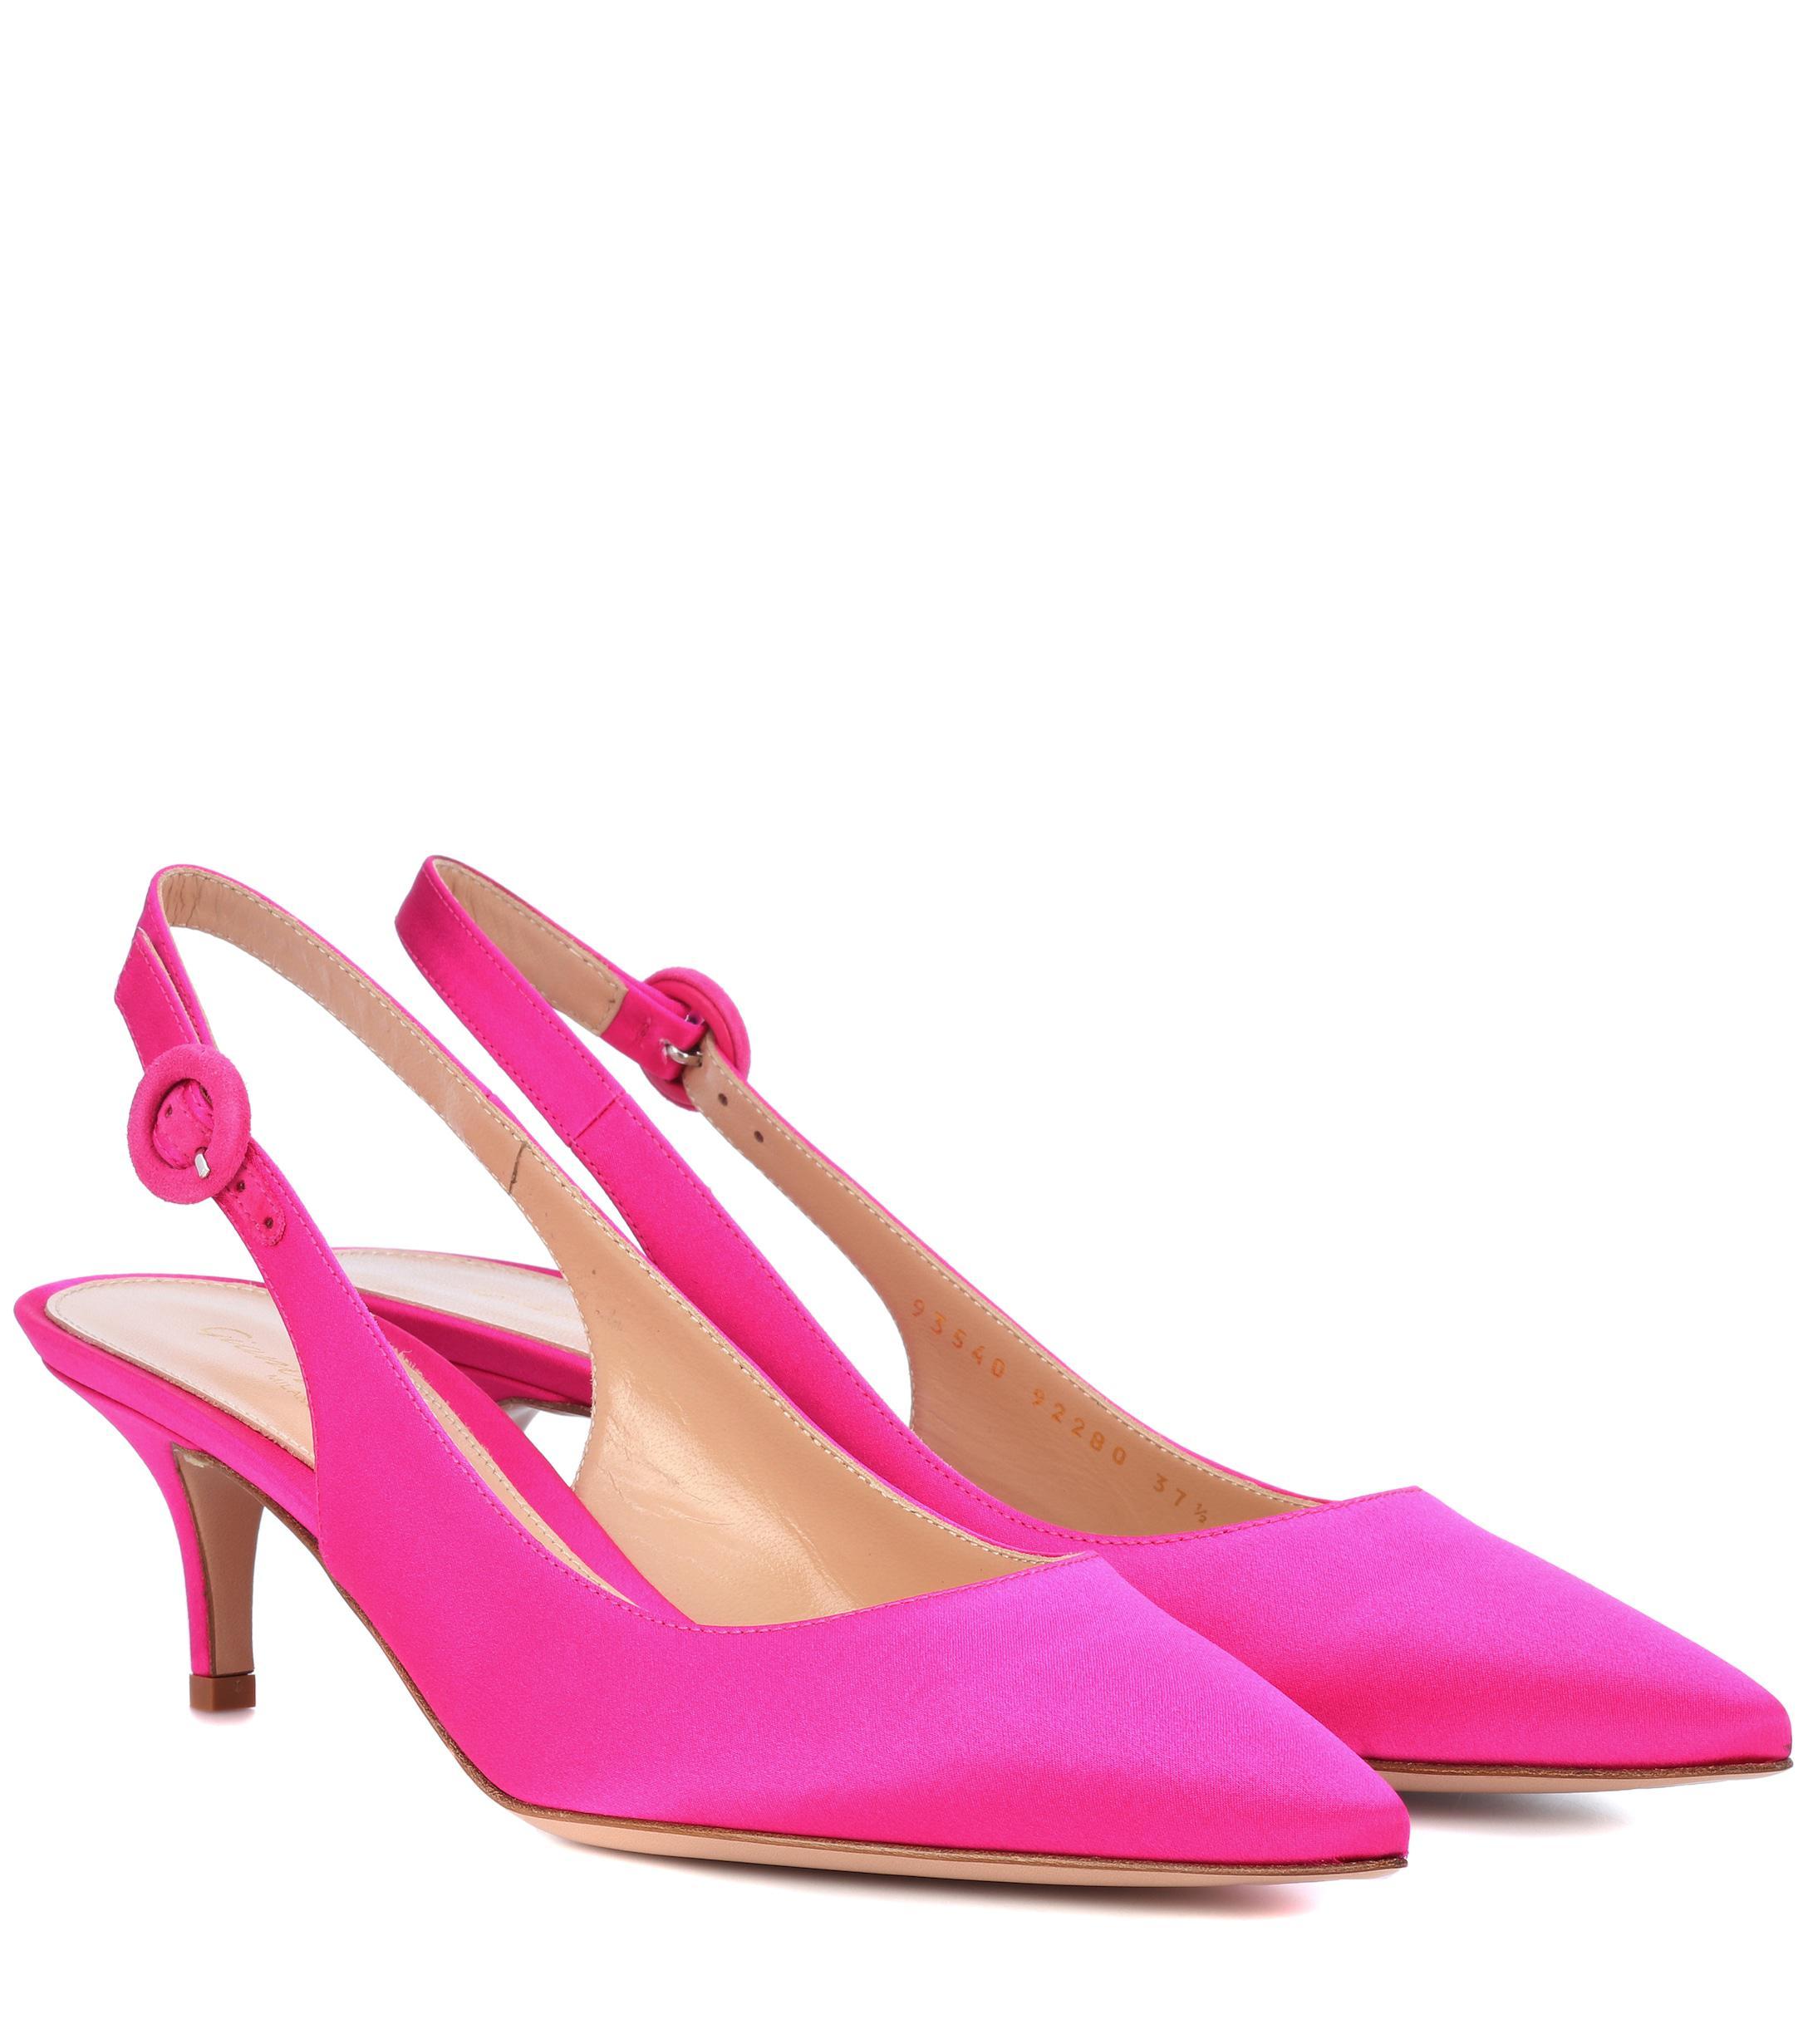 3e7ff4ea92e Lyst - Gianvito Rossi Anna Satin Slingback Pumps in Pink